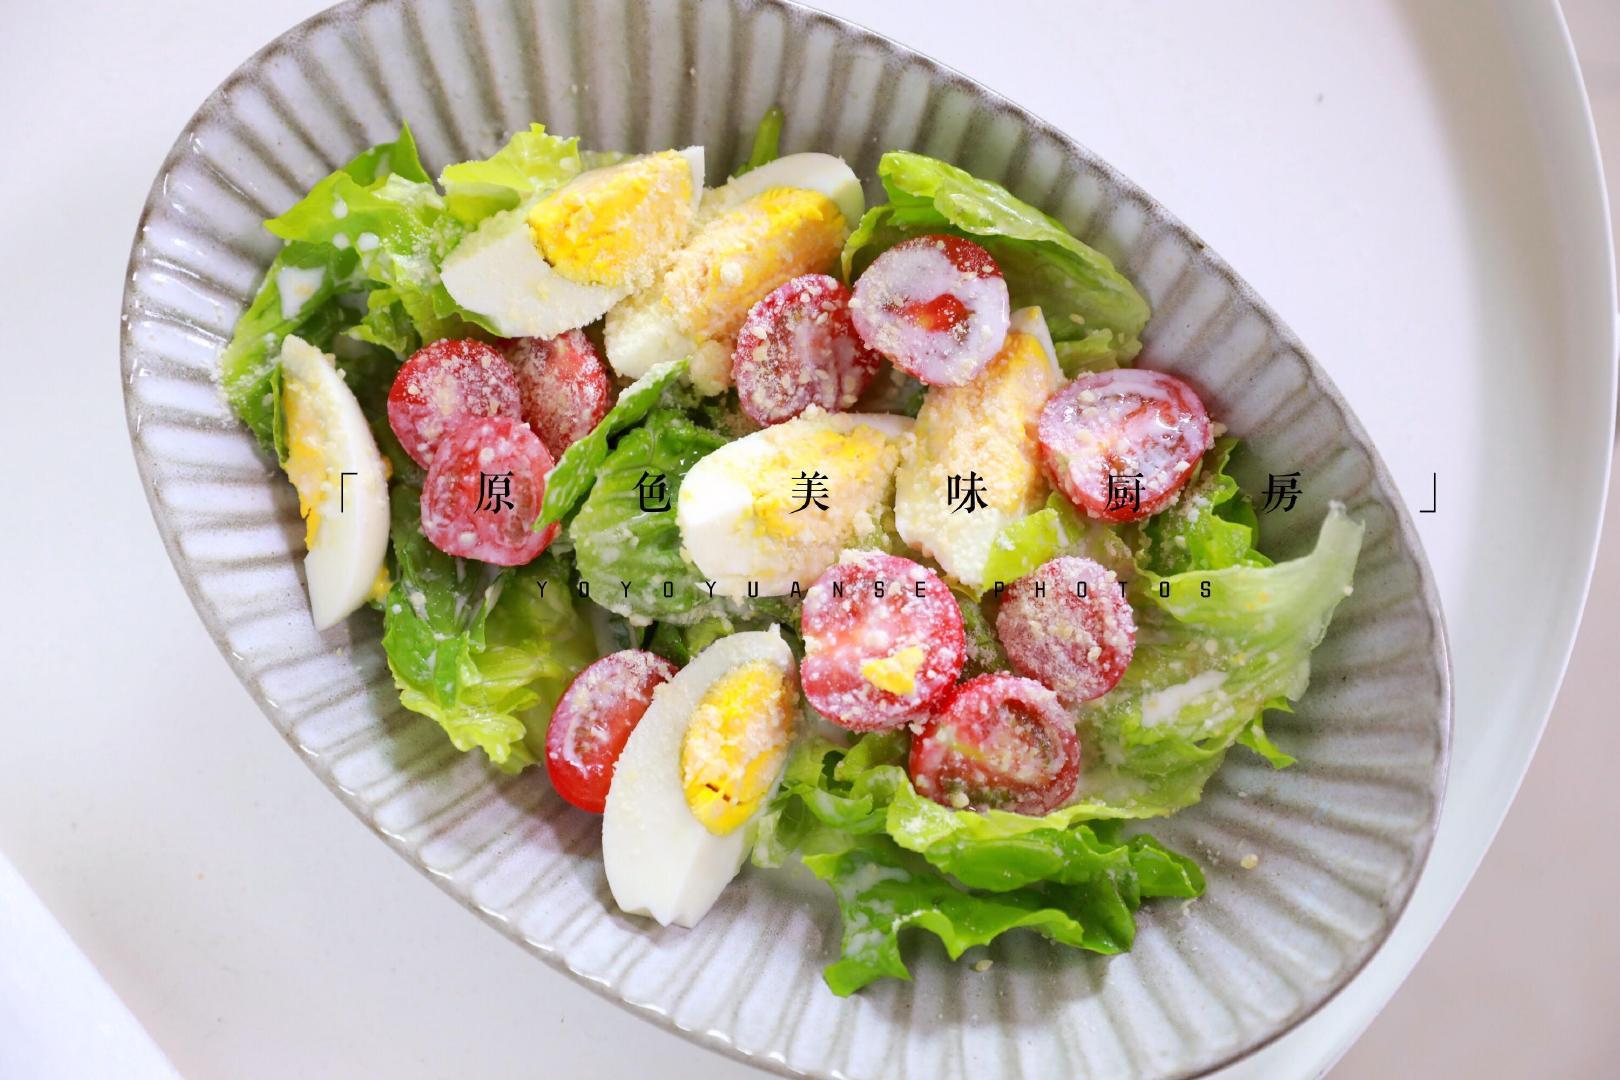 吃沙拉减脂失败,那是因为你用错了它,跟我学让你越吃越瘦